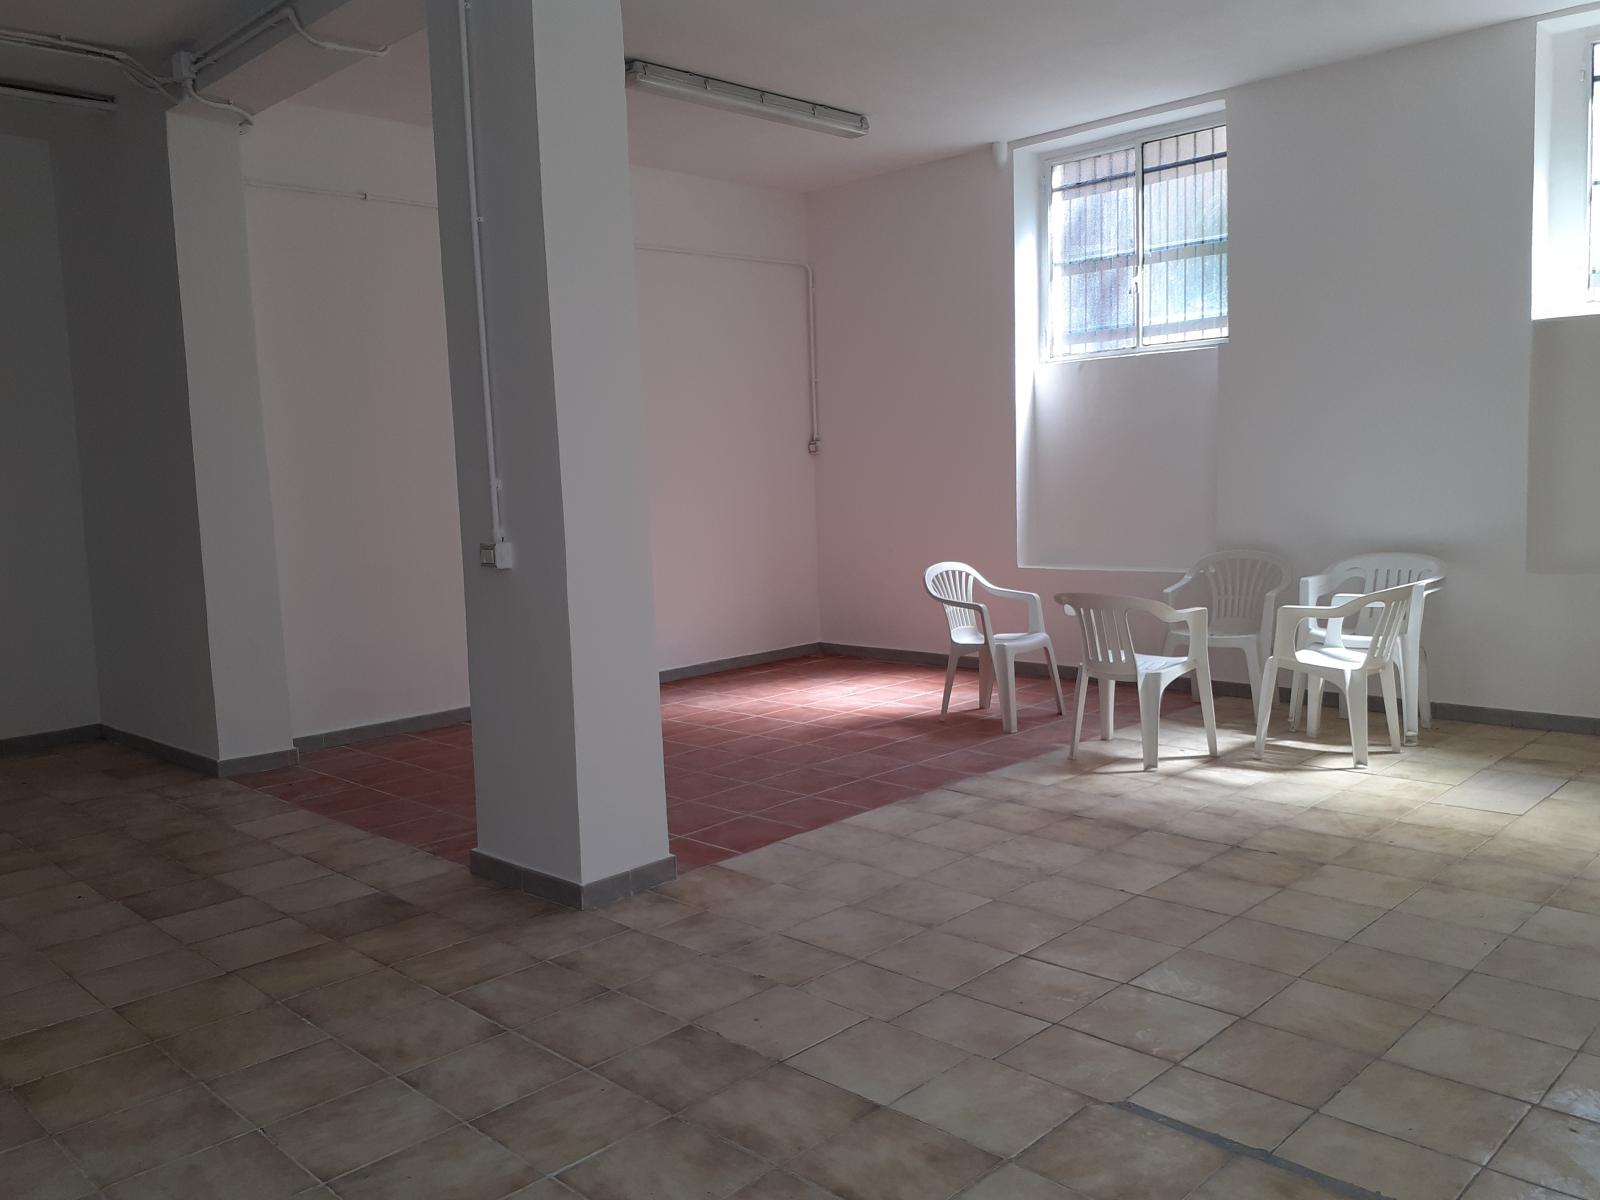 laboratorio-magazzino-in-vendita-affitto-a-baggio-milano-spaziourbano-immobiliare-vende-affitta-7